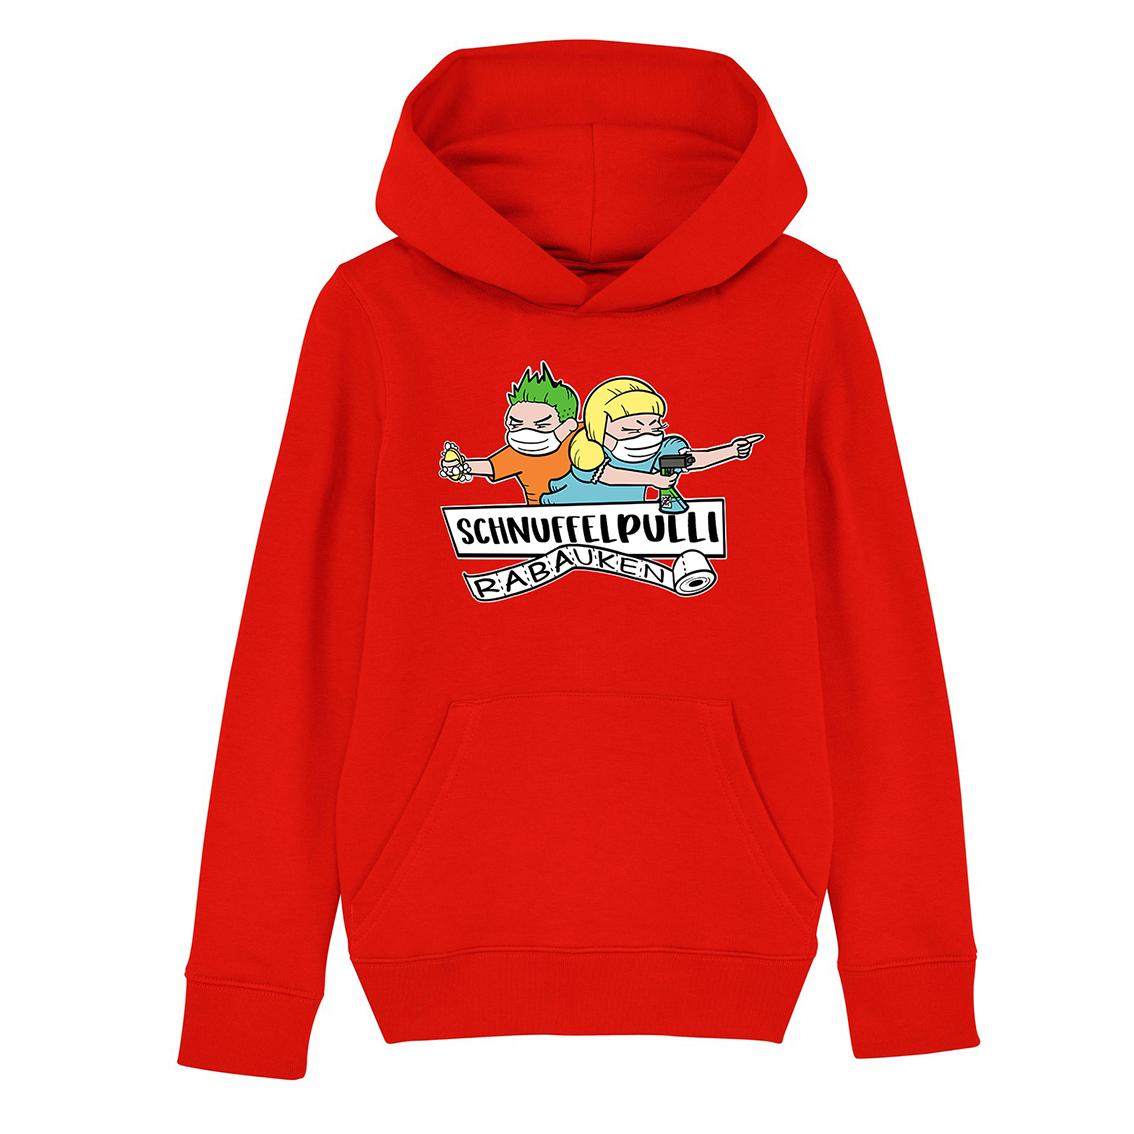 Tourhafen Schnuffelpulli Kids Hoodie Red